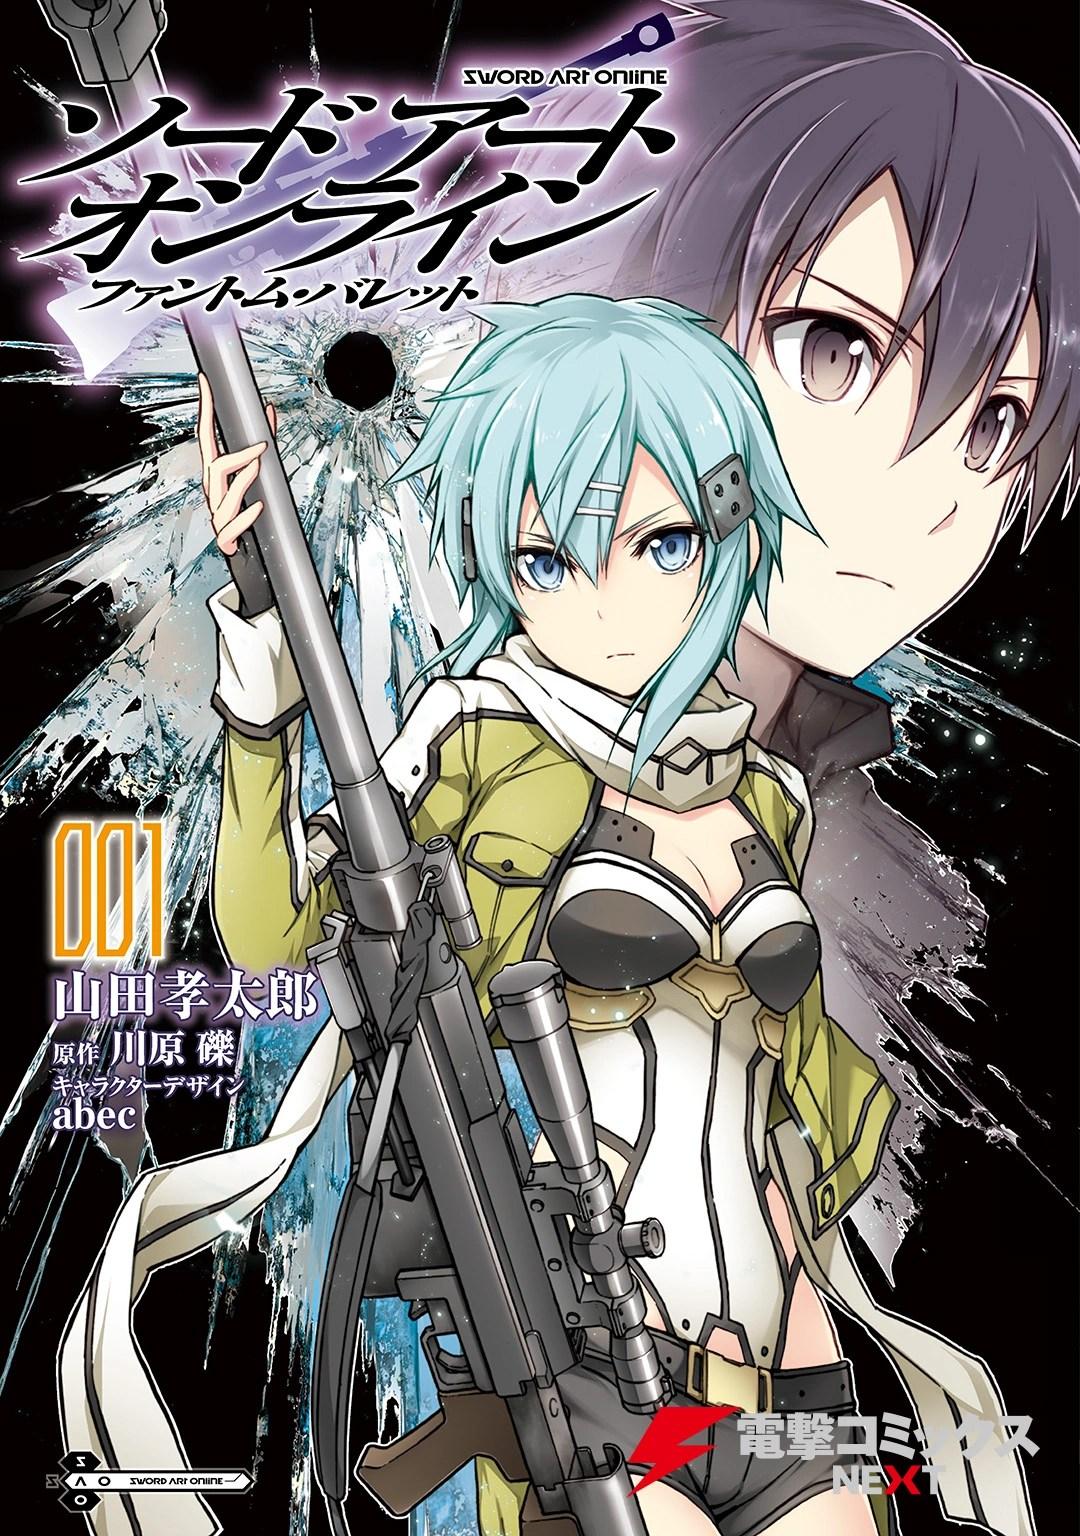 Sword Art Online  Phantom Bullet Volume 01 manga